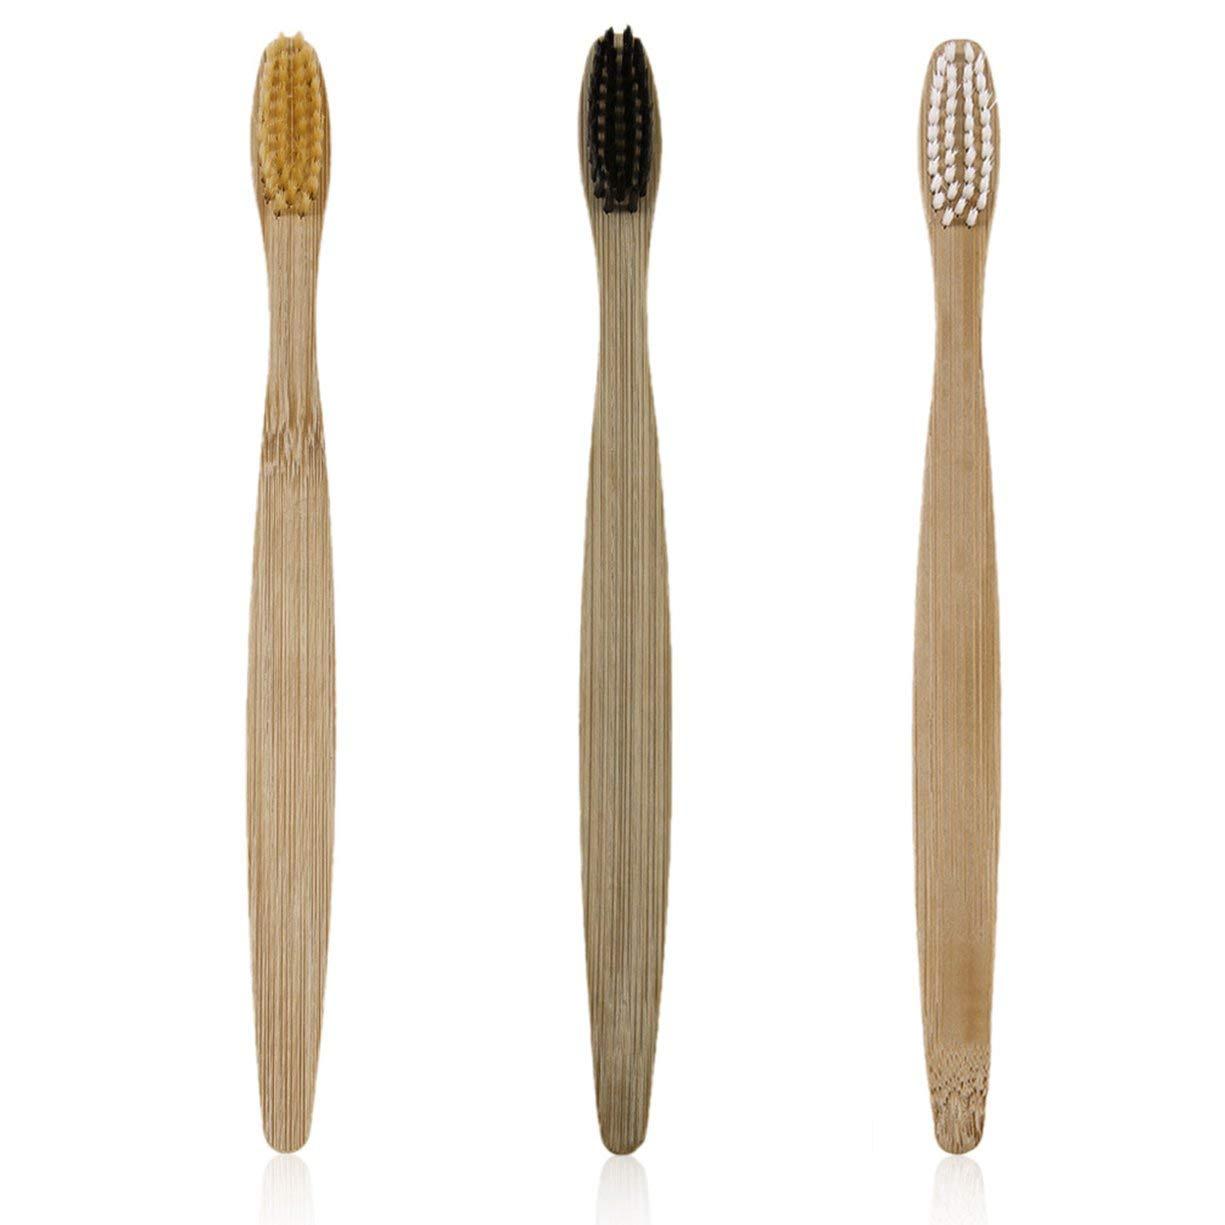 所有権ラボ遠足3本/セット環境に優しい木製の歯ブラシ竹の歯ブラシ柔らかい竹繊維の木製のハンドル低炭素環境に優しい - ブラック/ホワイト/イエロー